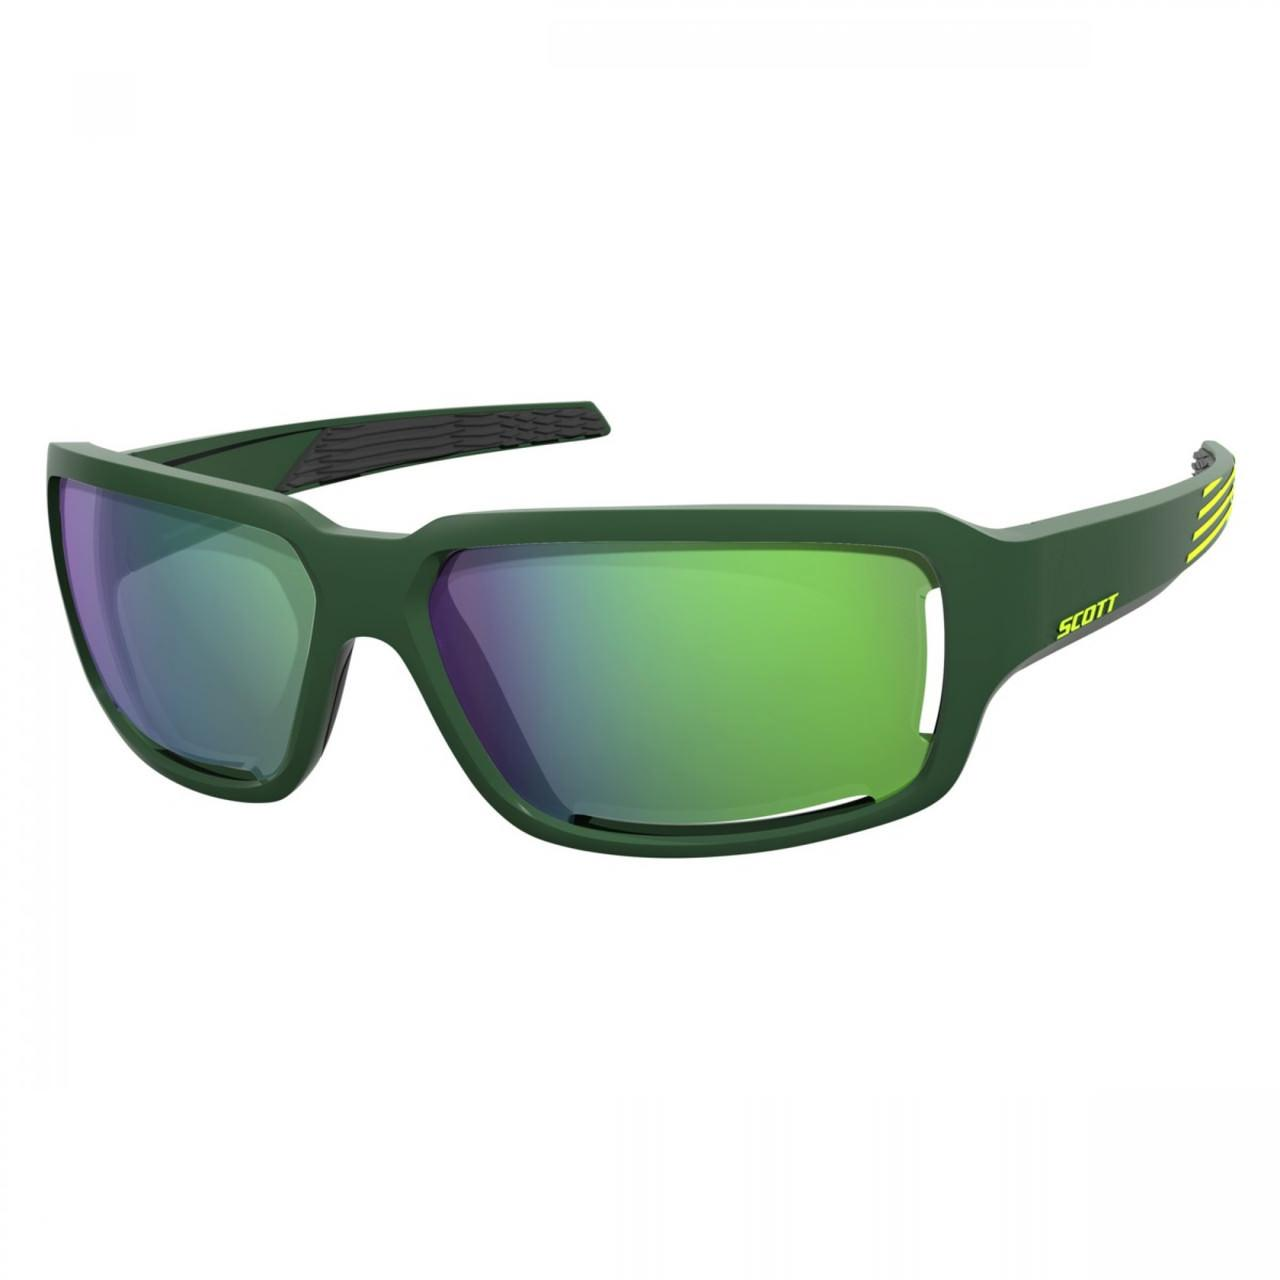 Спортивные очки SCOTT OBSESS ACS зеленый / желтый зеленый хром